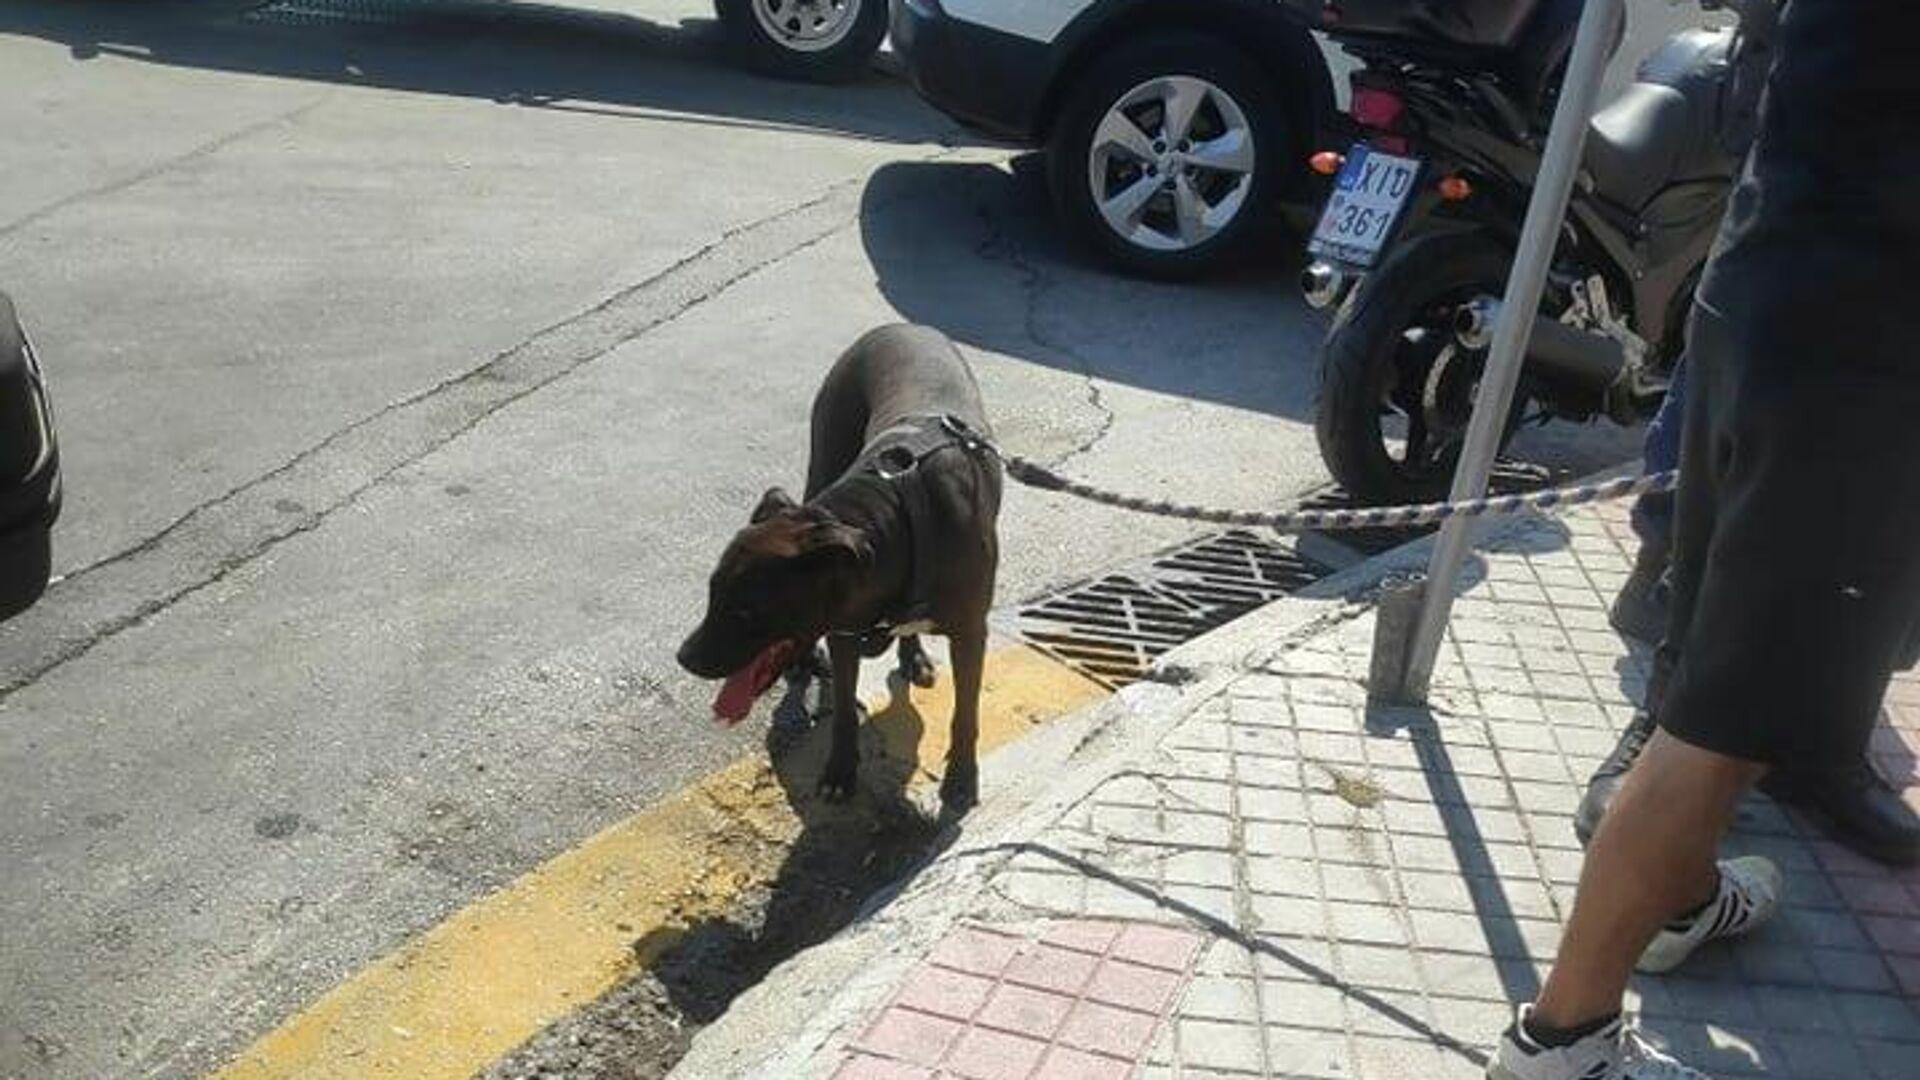 Το σκυλί που υπέστη κακοποίηση από το αφεντικό του στη Μυτιλήνη - Sputnik Ελλάδα, 1920, 17.09.2021